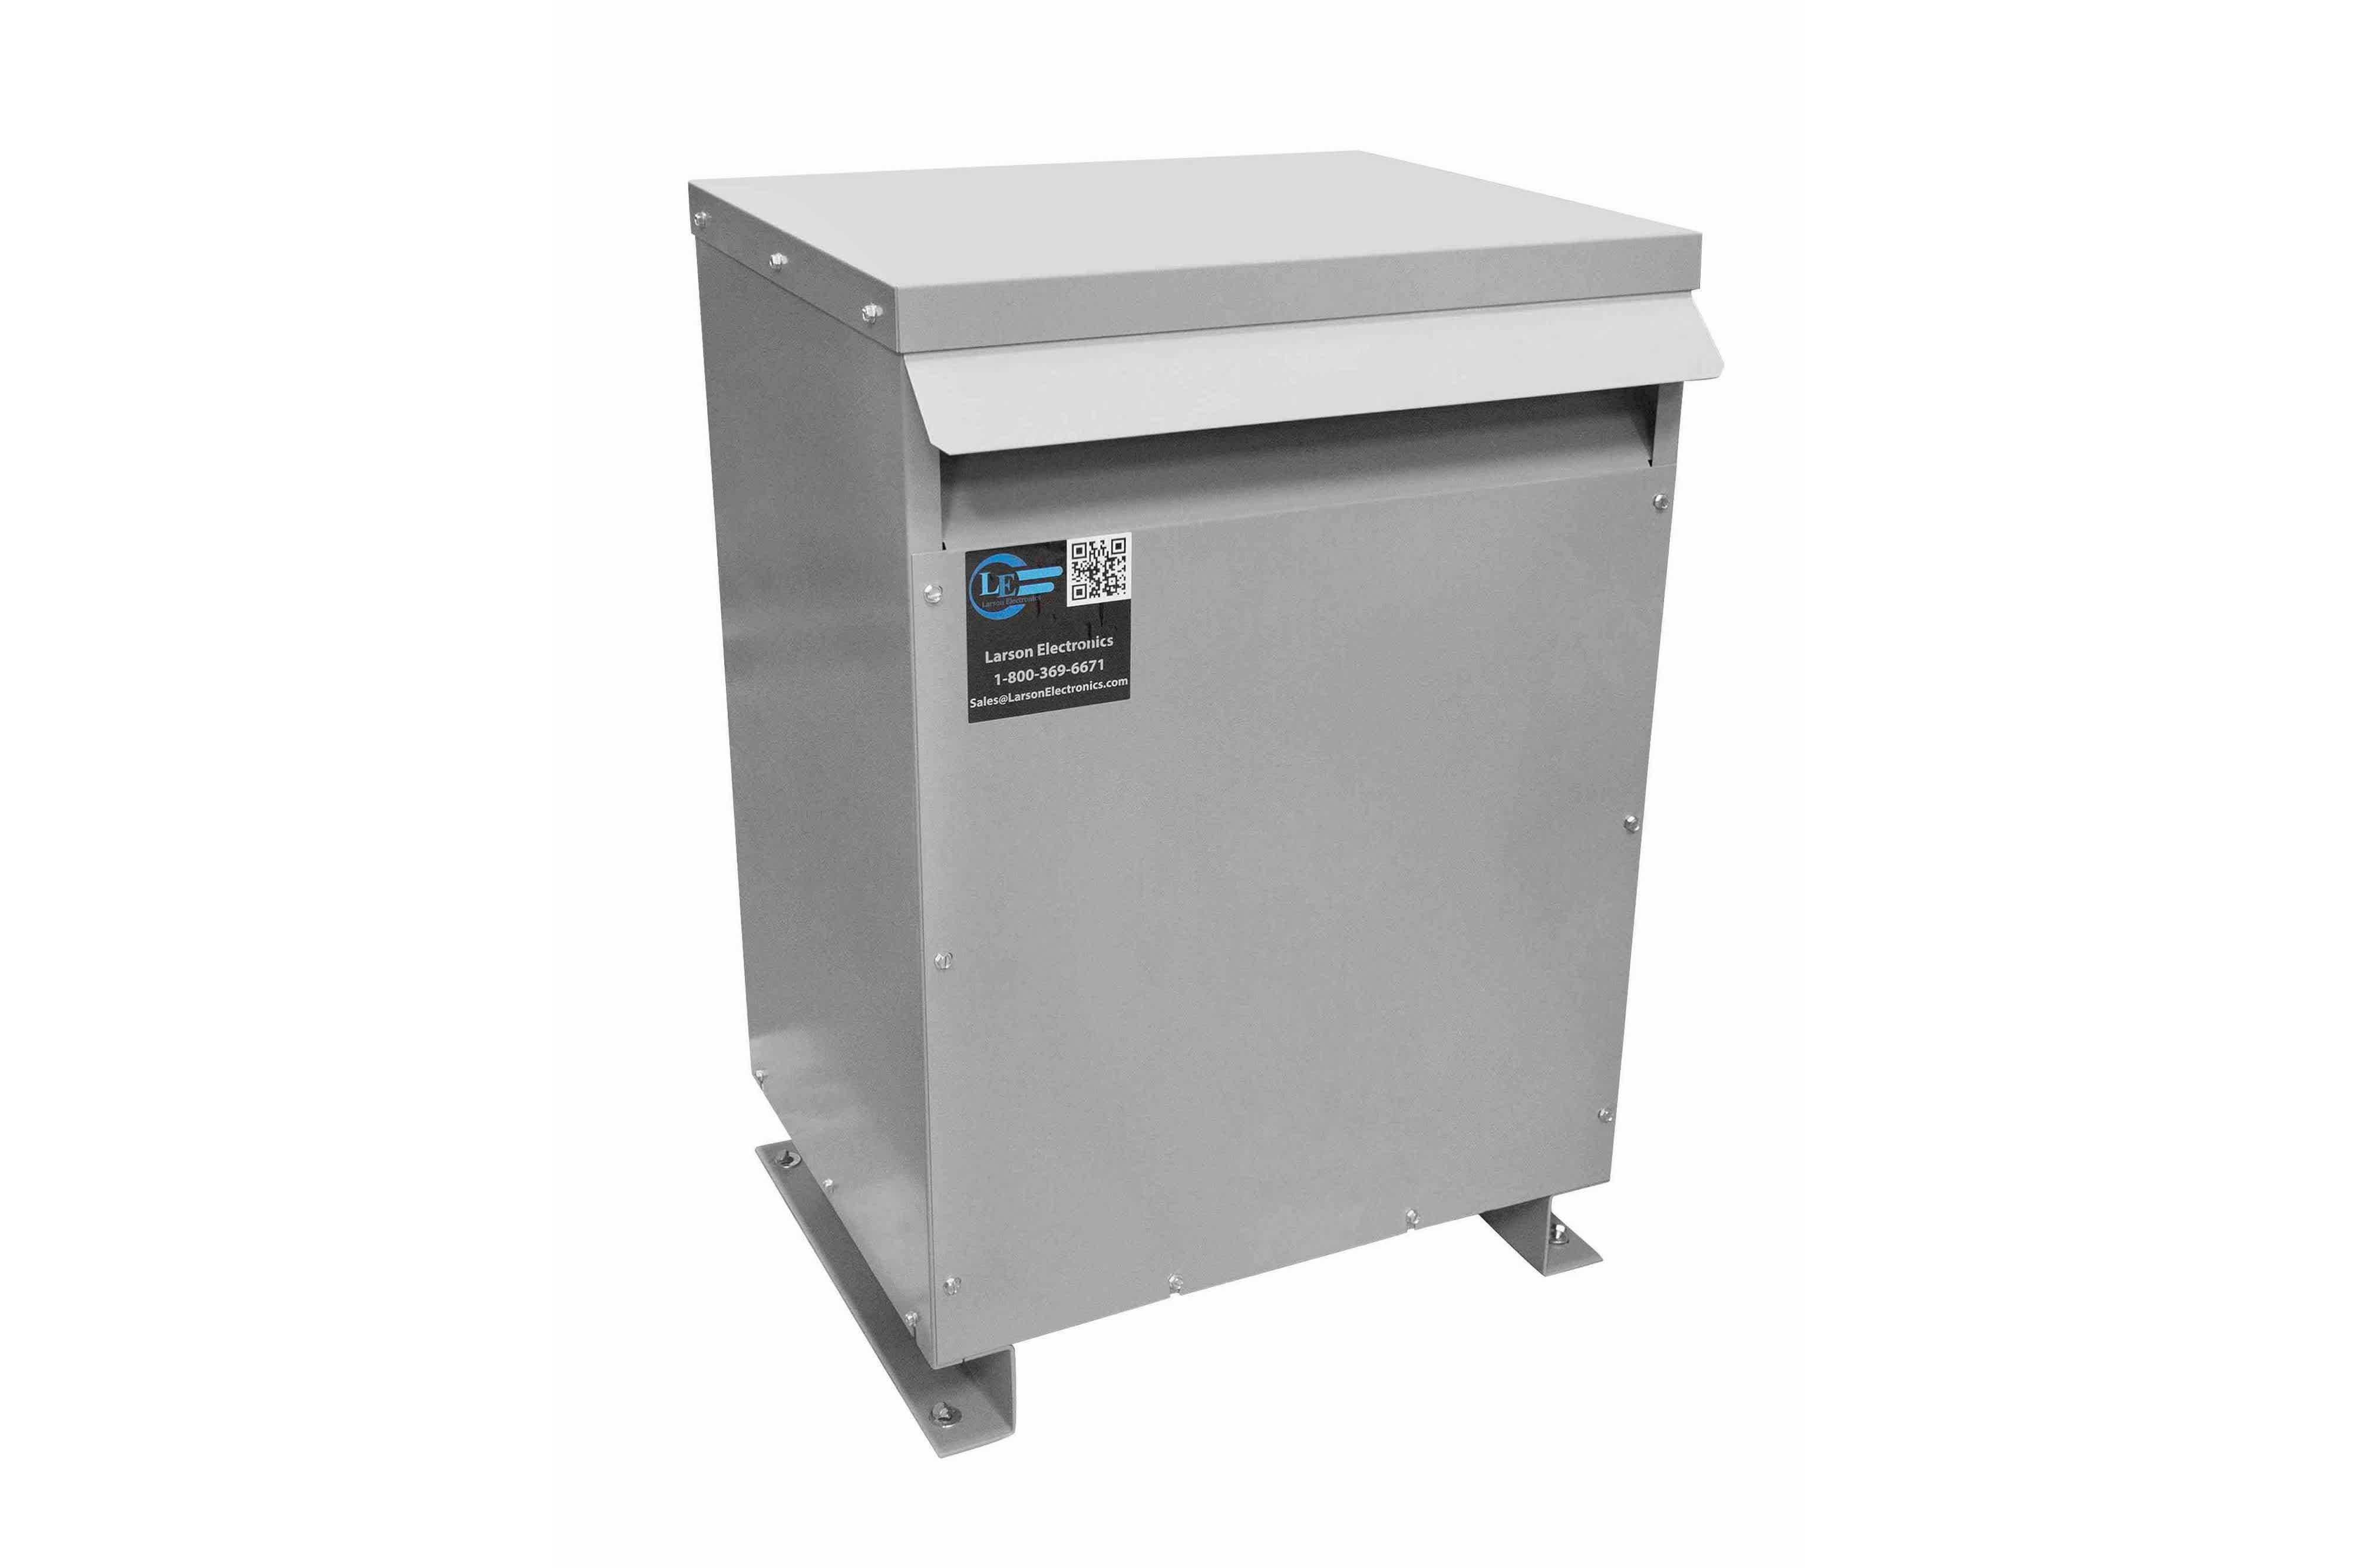 150 kVA 3PH Isolation Transformer, 230V Delta Primary, 480V Delta Secondary, N3R, Ventilated, 60 Hz